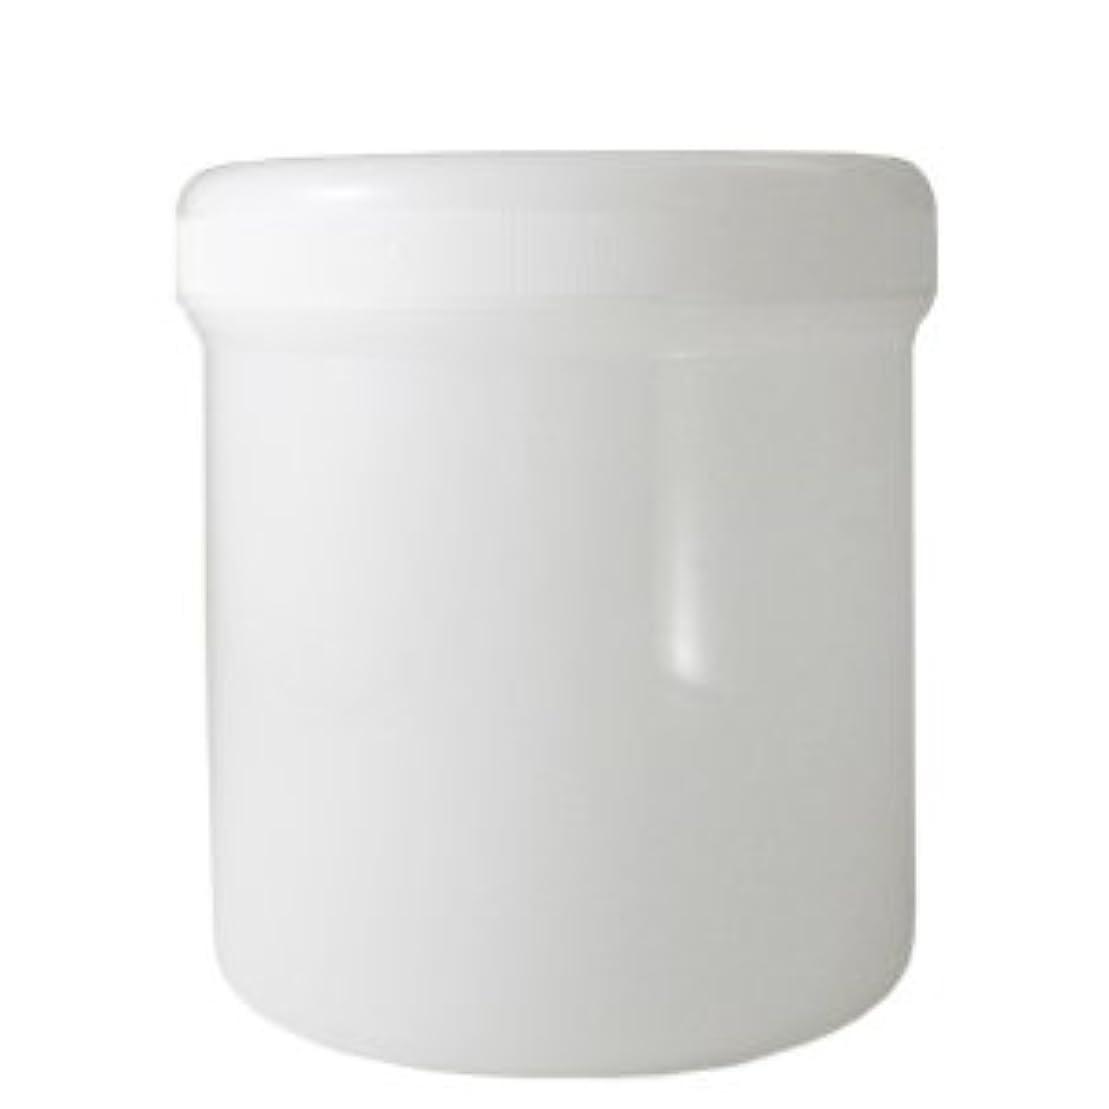 エクスタシー告白アーティストナンコー容器 クリームジャー化粧品容器 550ml